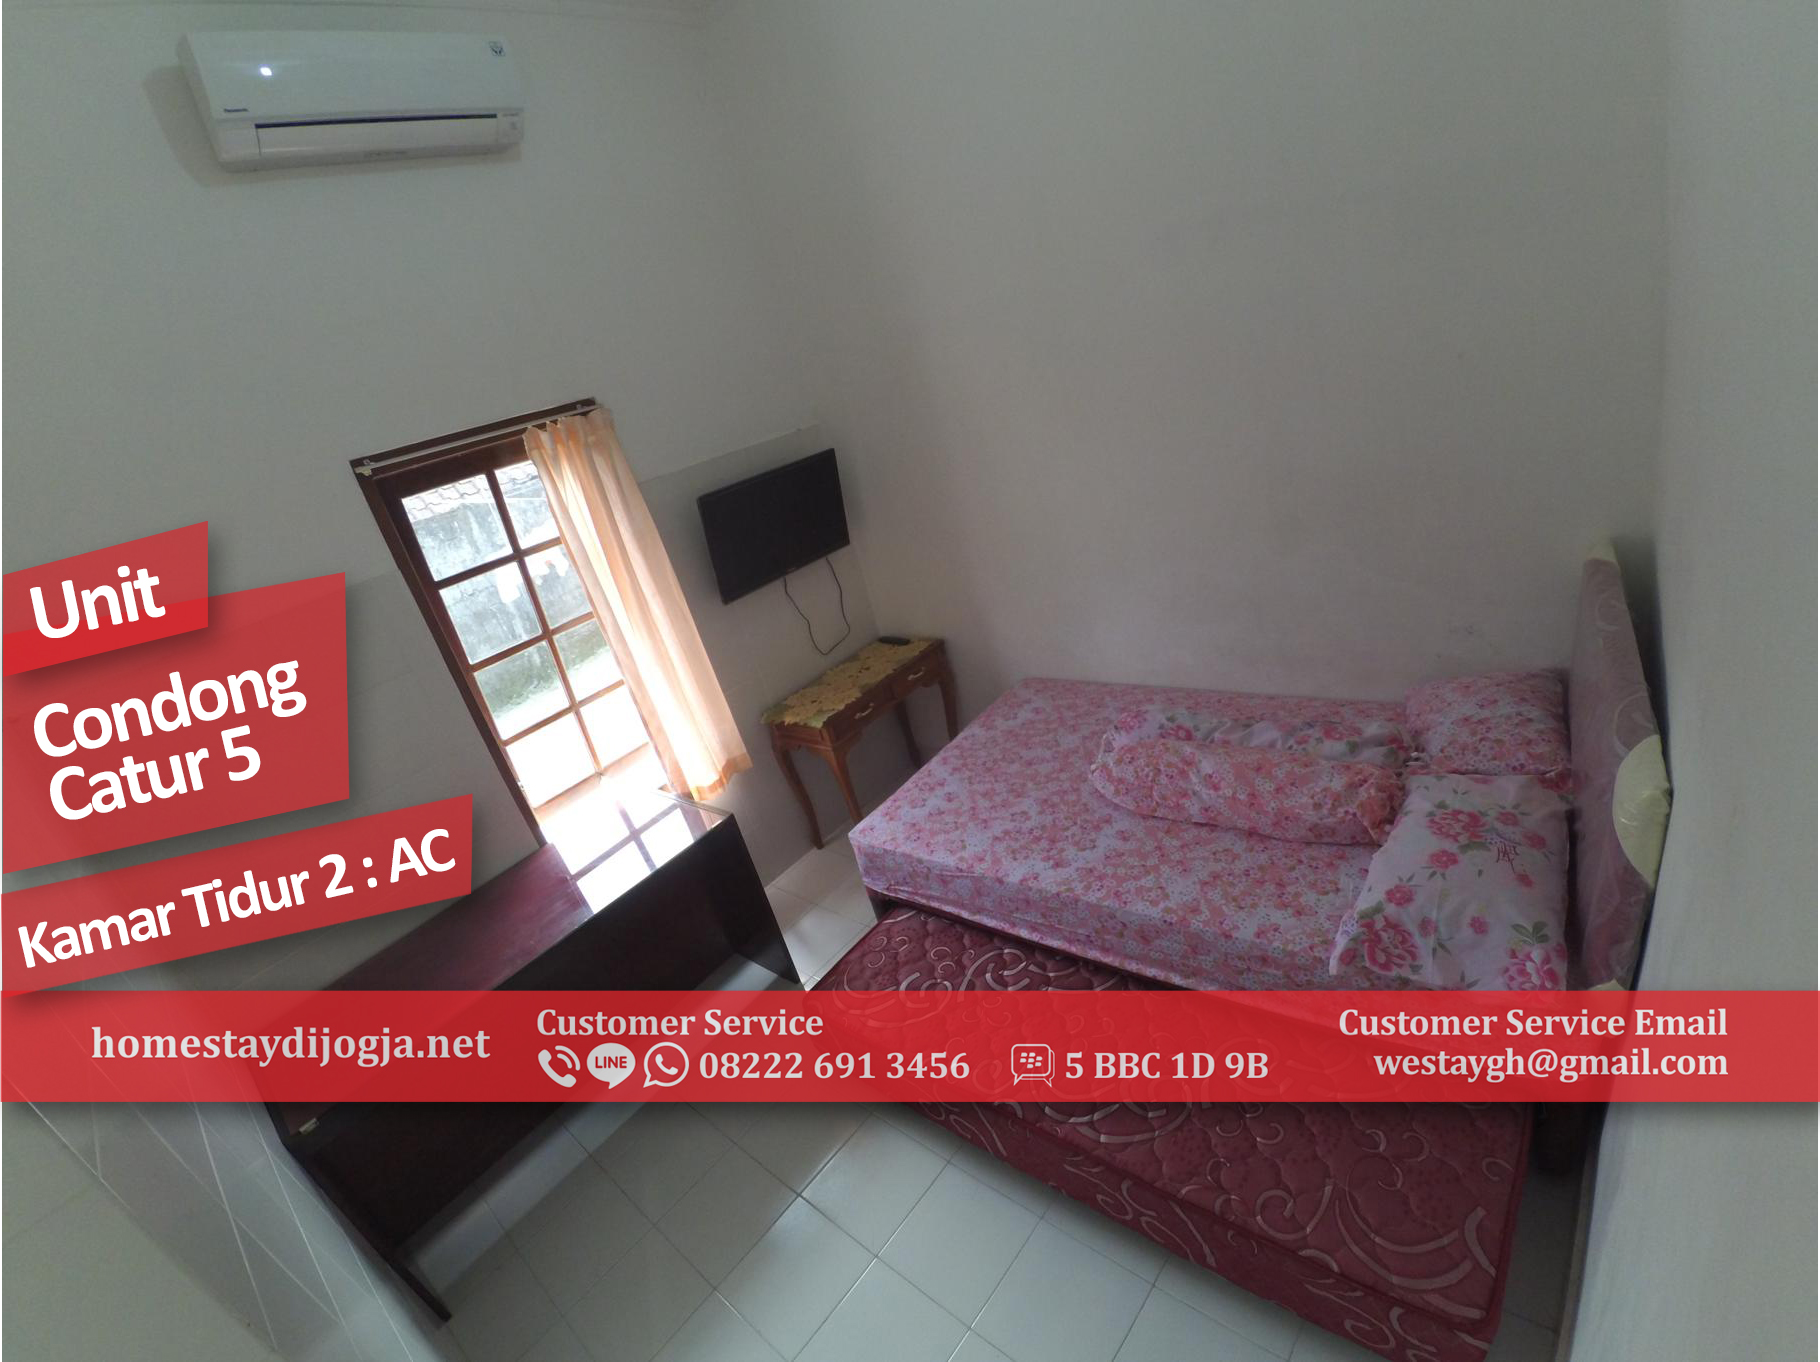 Homestay Murah 2 Kamar AC di Condong Catur kapasitas 8 orang